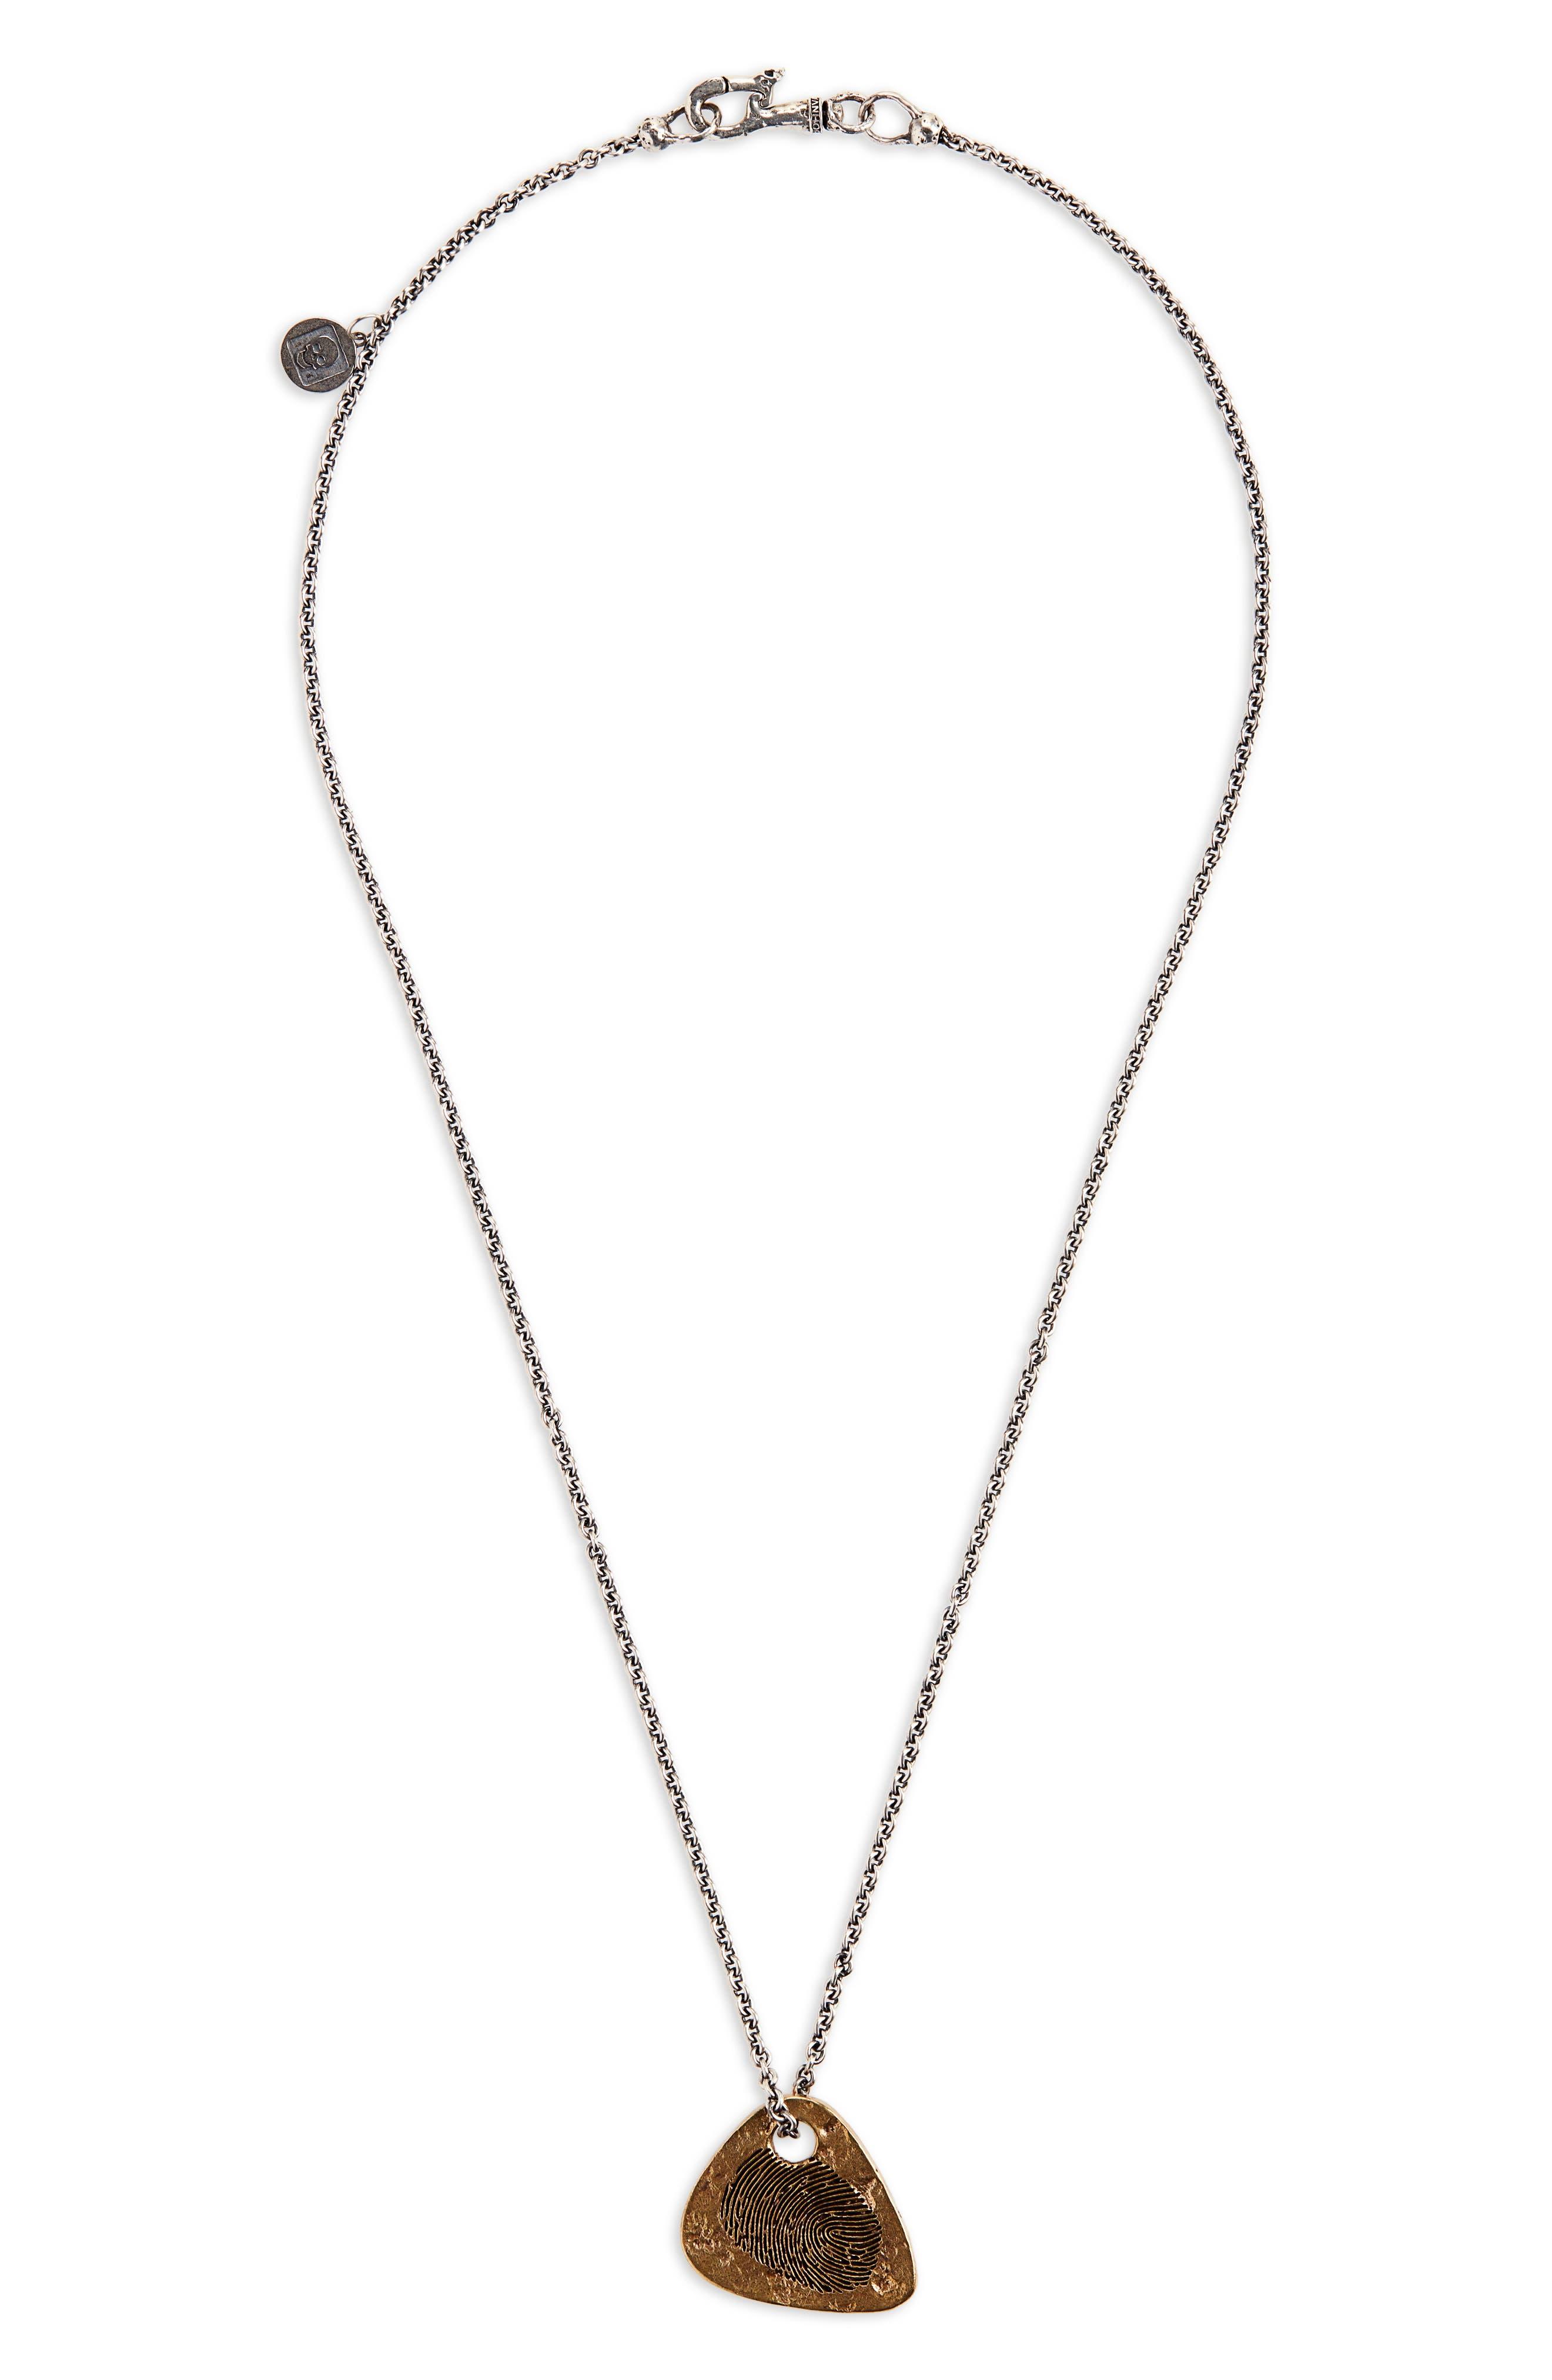 Guitar Pick Pendant Necklace